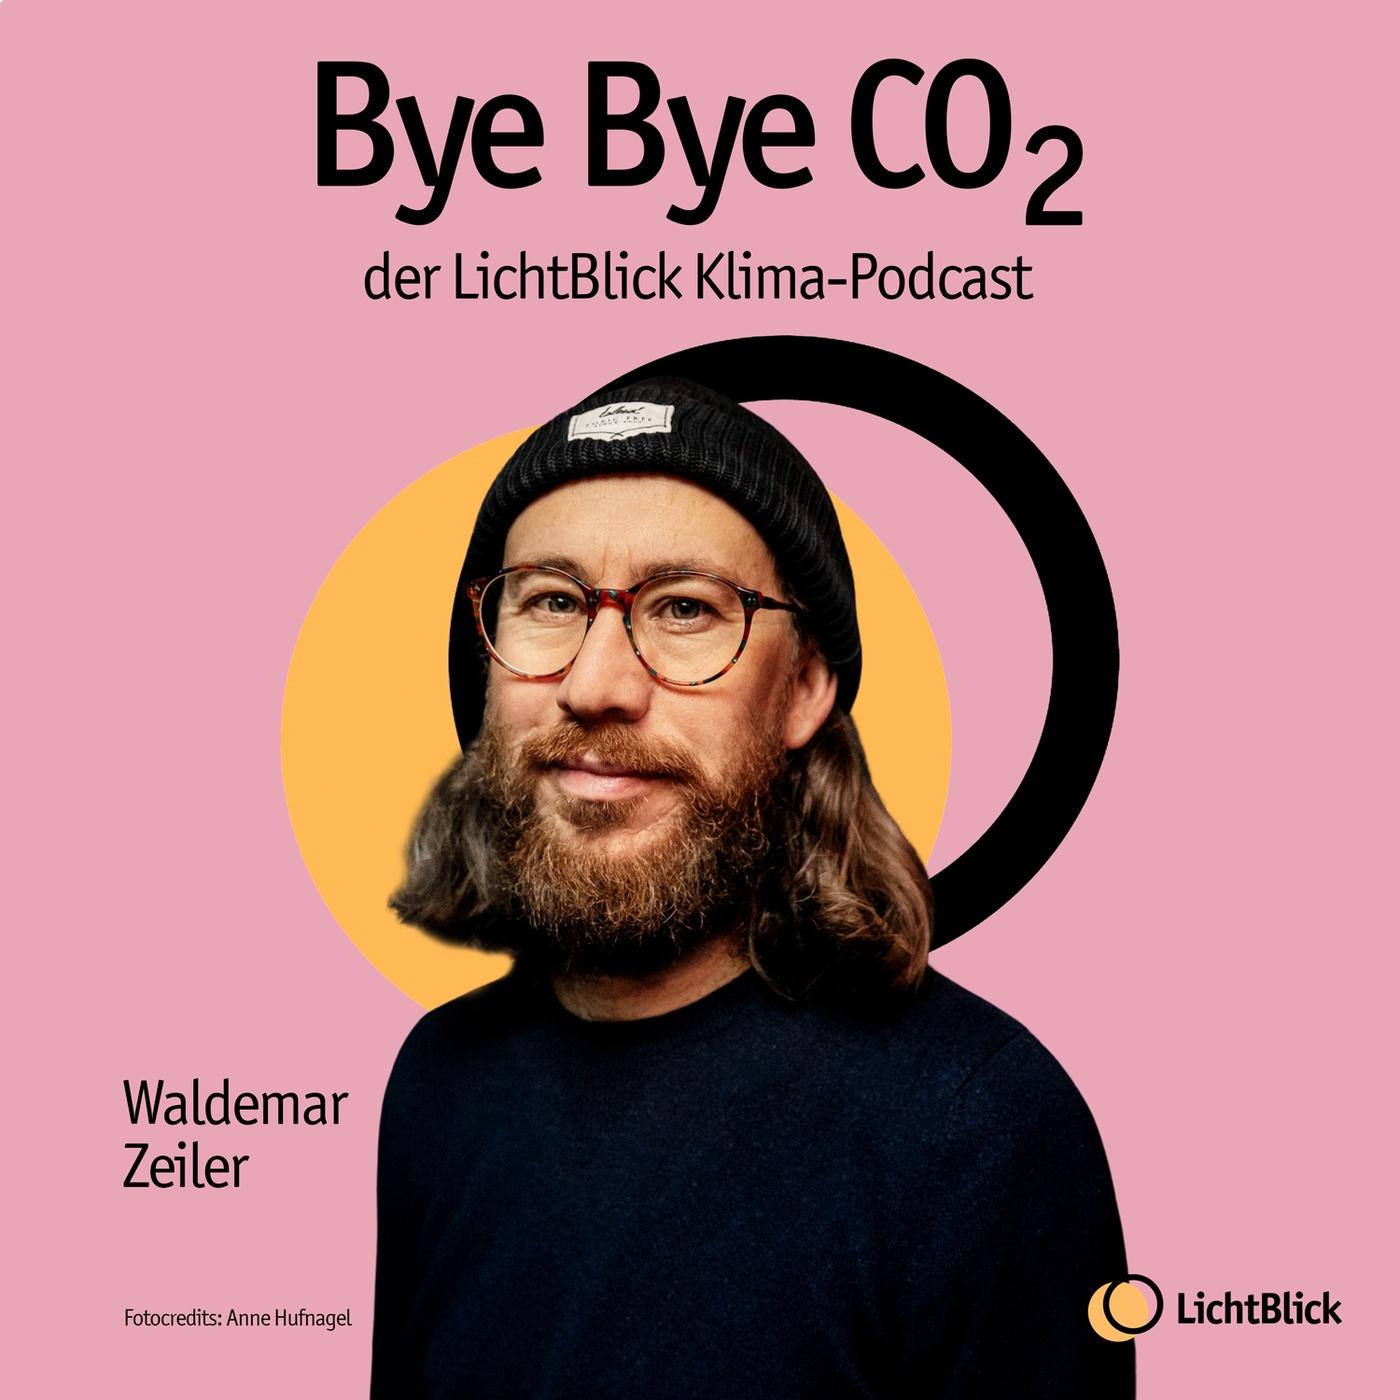 Systematische Lösungen für eine Welt ohne Klimasünder - Waldemar Zeiler über die Zukunft unserer Wirtschaft